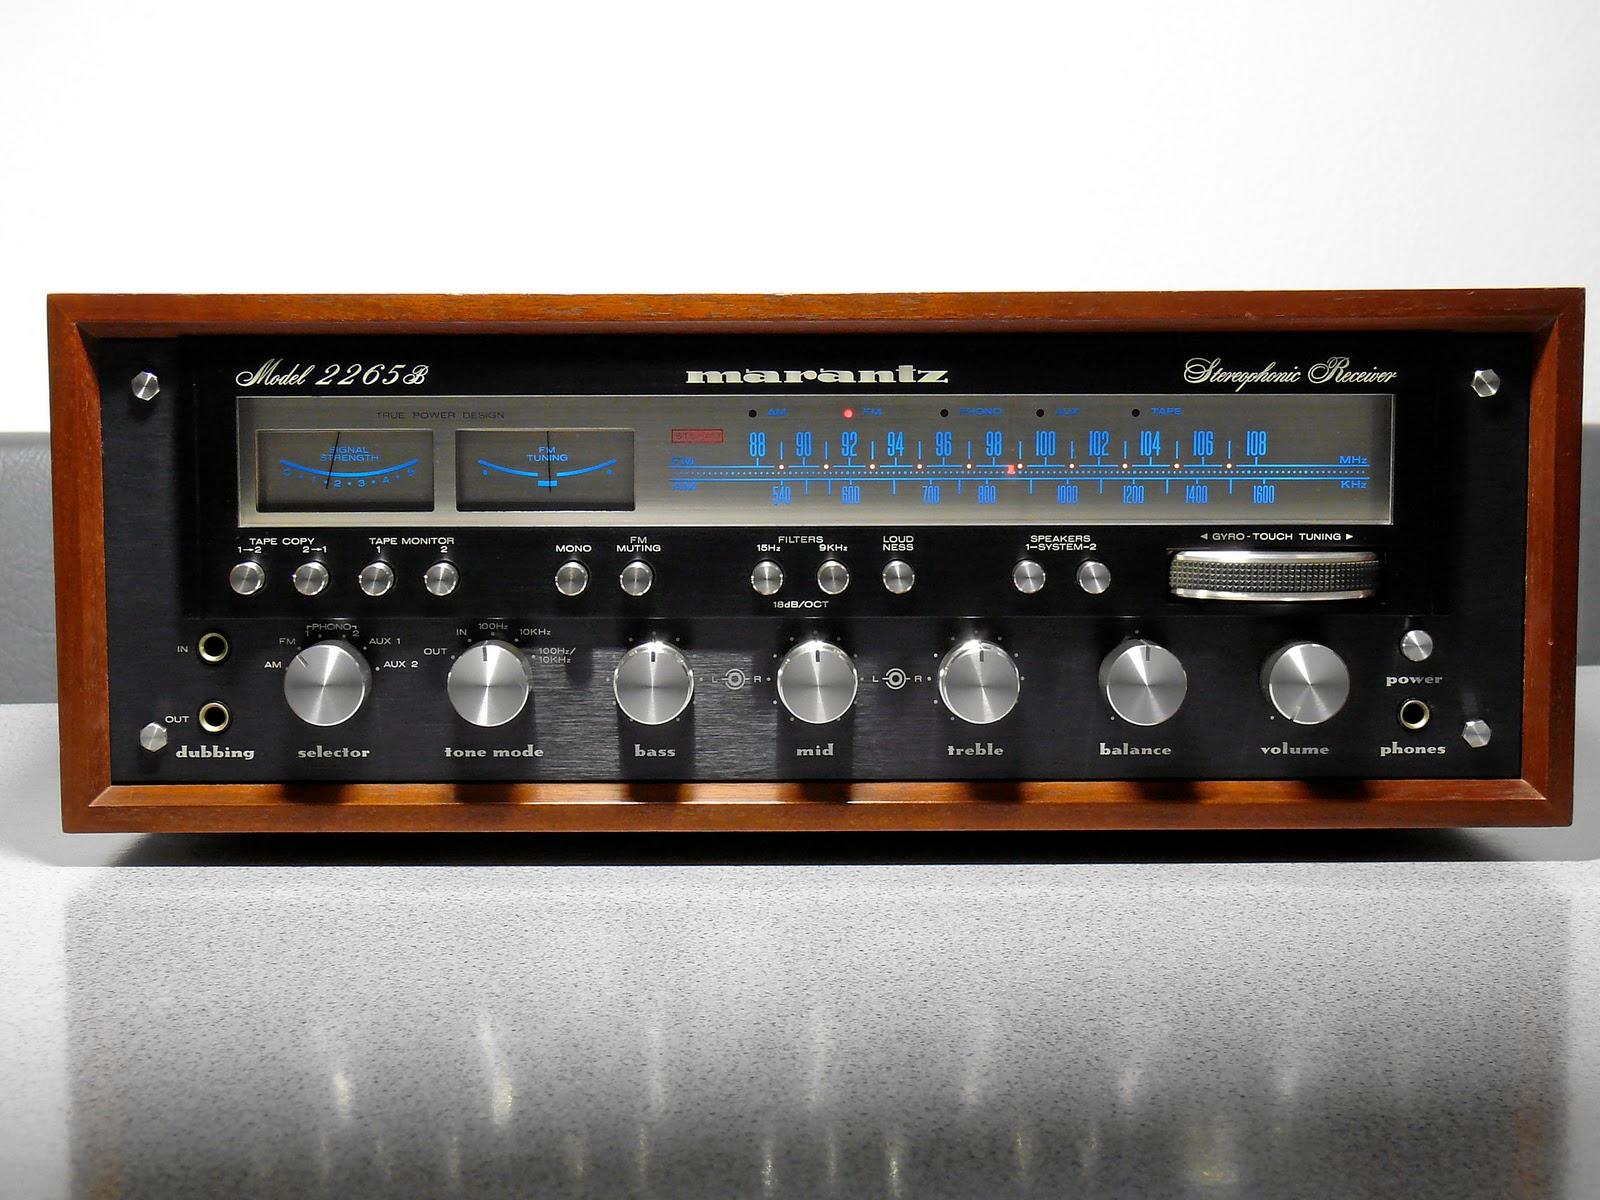 Vintage Car Stereo Repair